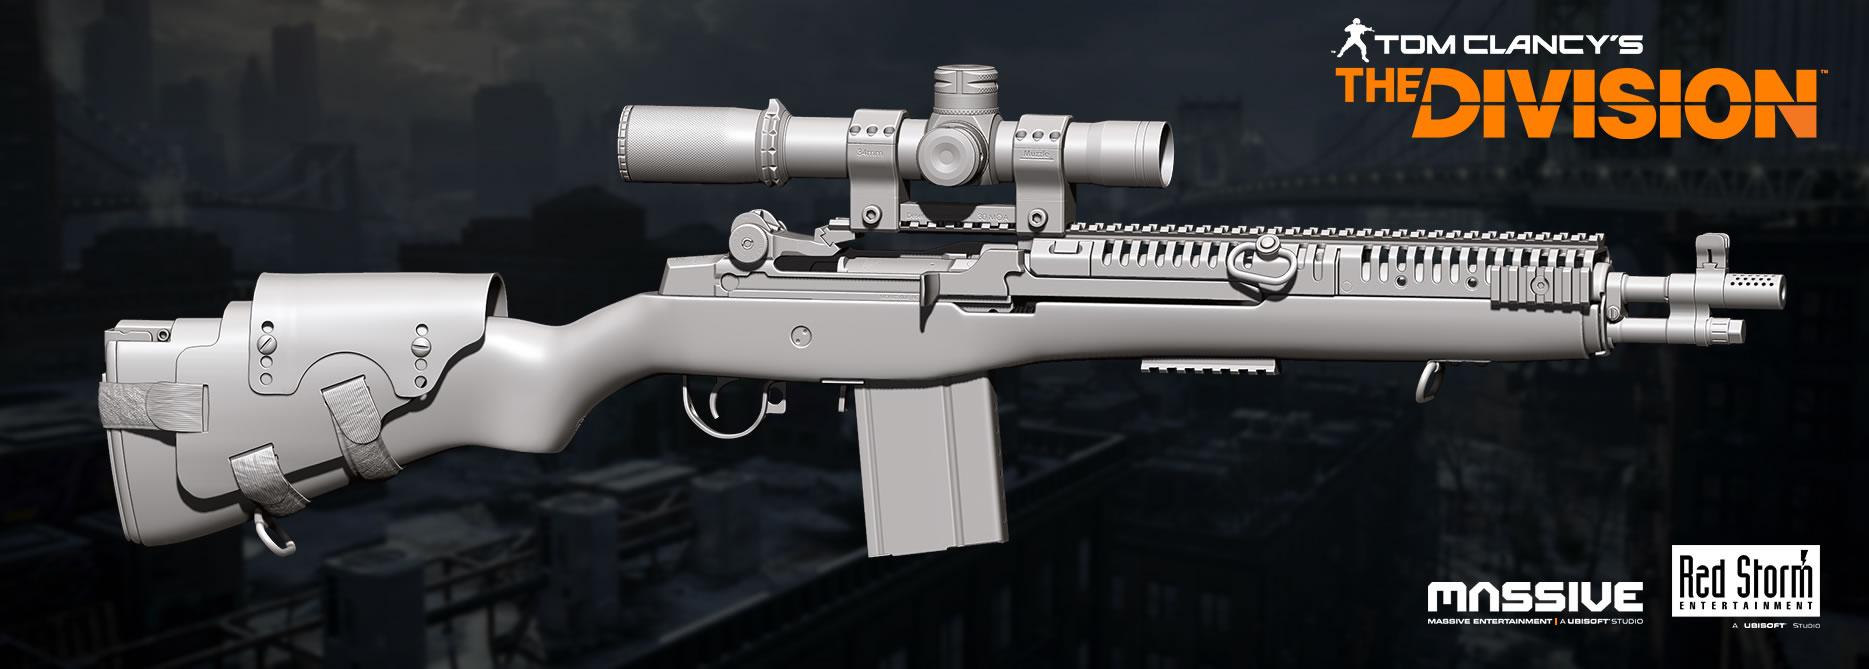 The Division   Assautl Rifle Build